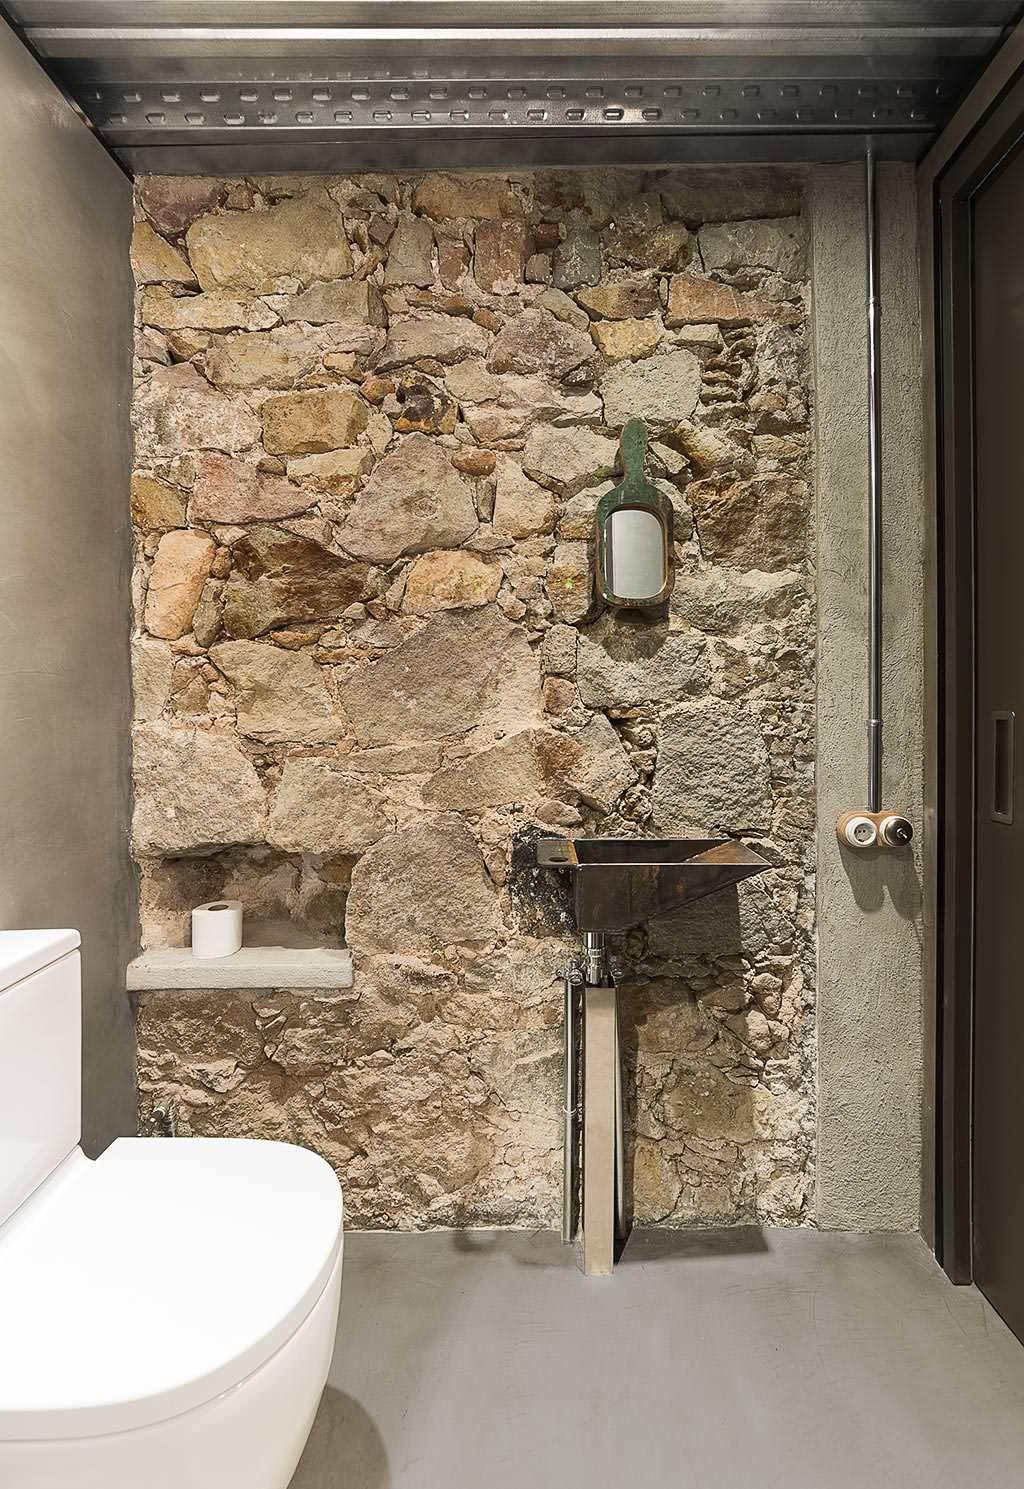 Photo of 51 salles de bains de style industriel pour trouver de l'inspiration